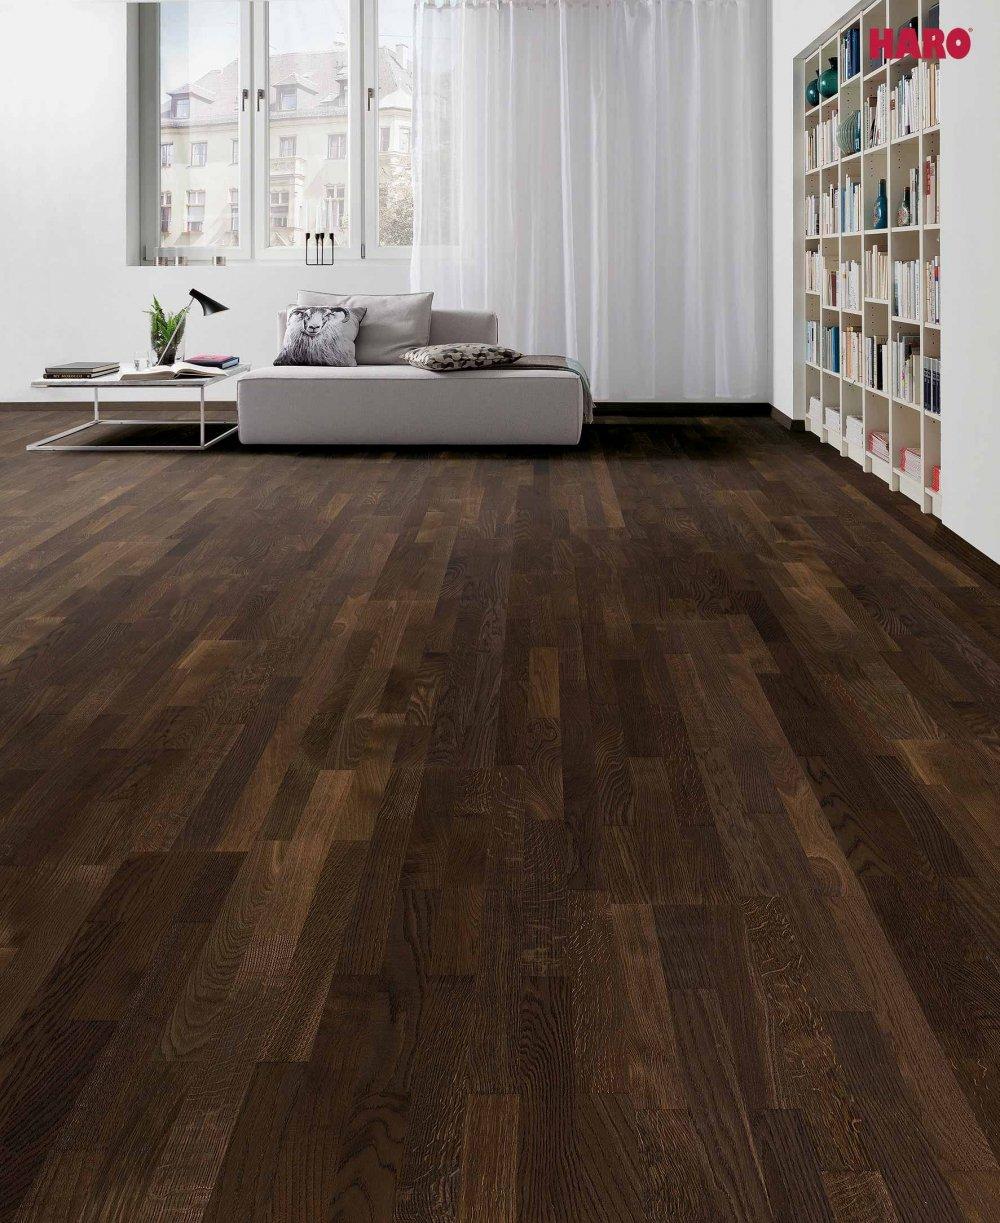 523813 haro parkett 3 stab schiffsboden 4000 achateiche exquisit trend permadur versiegelt. Black Bedroom Furniture Sets. Home Design Ideas